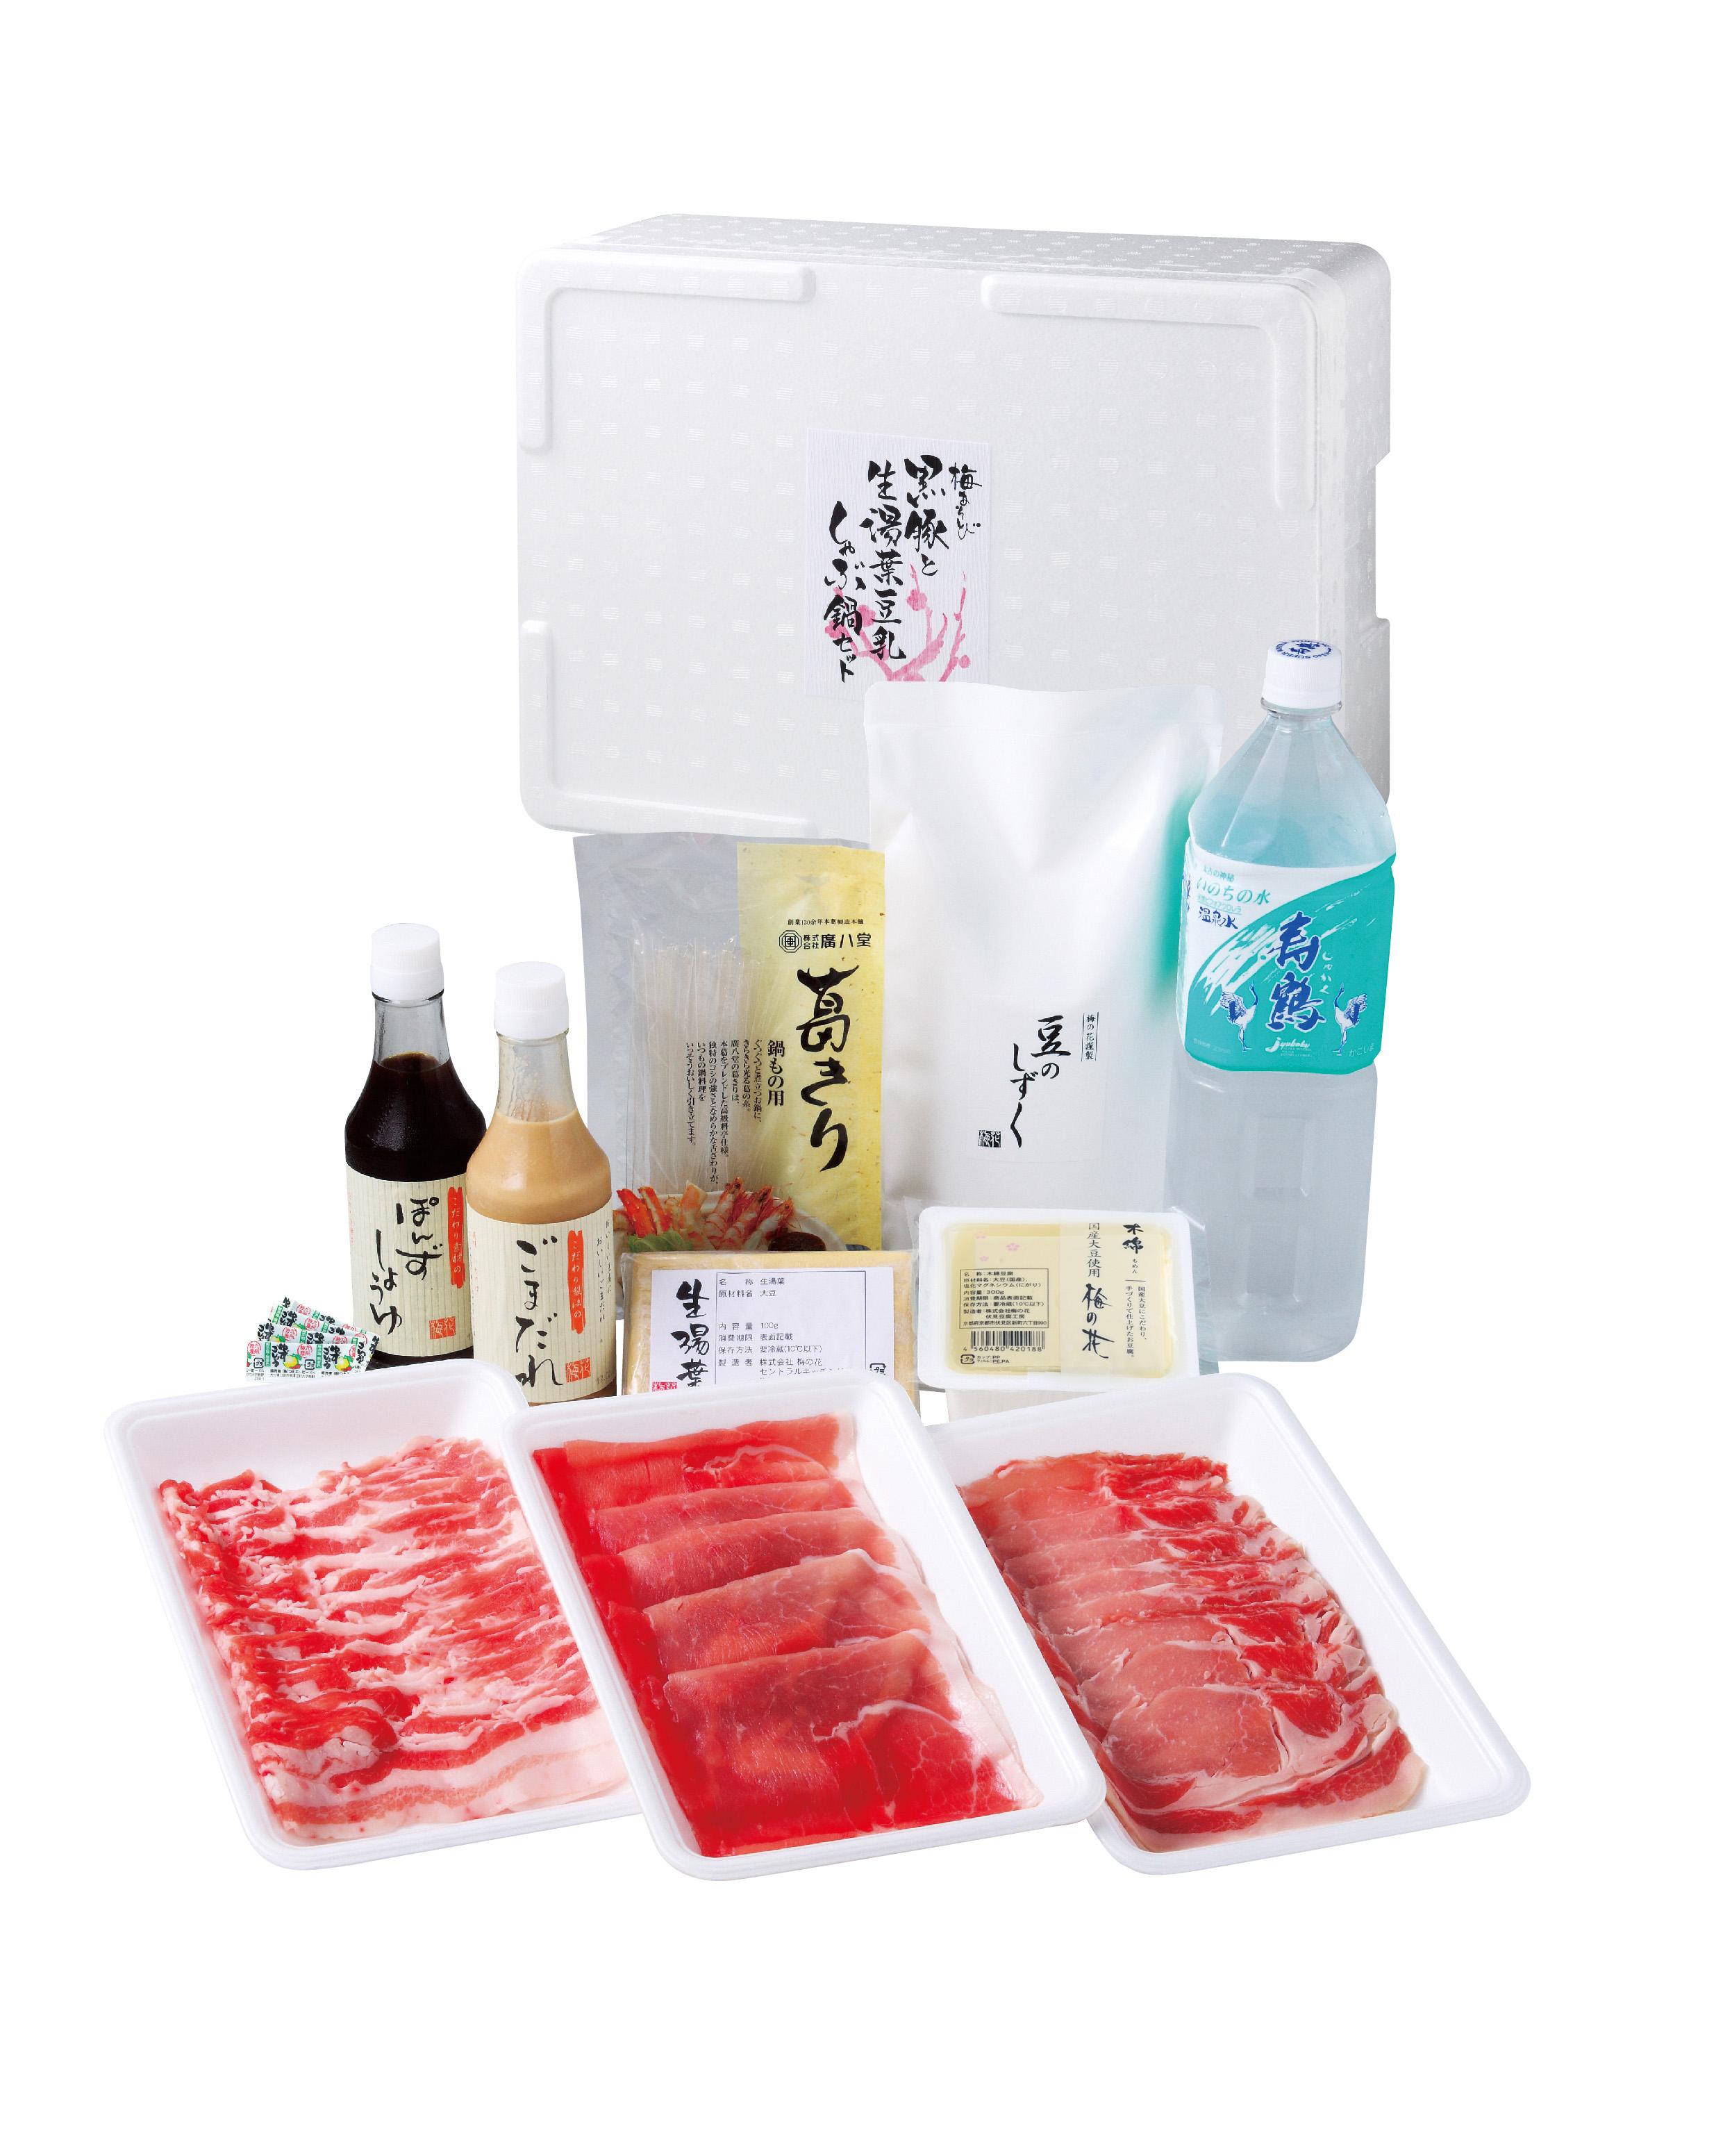 期間限定20%off【送料込】鹿児島県産黒豚と生湯葉豆乳しゃぶ鍋セット (商品番号:101057)